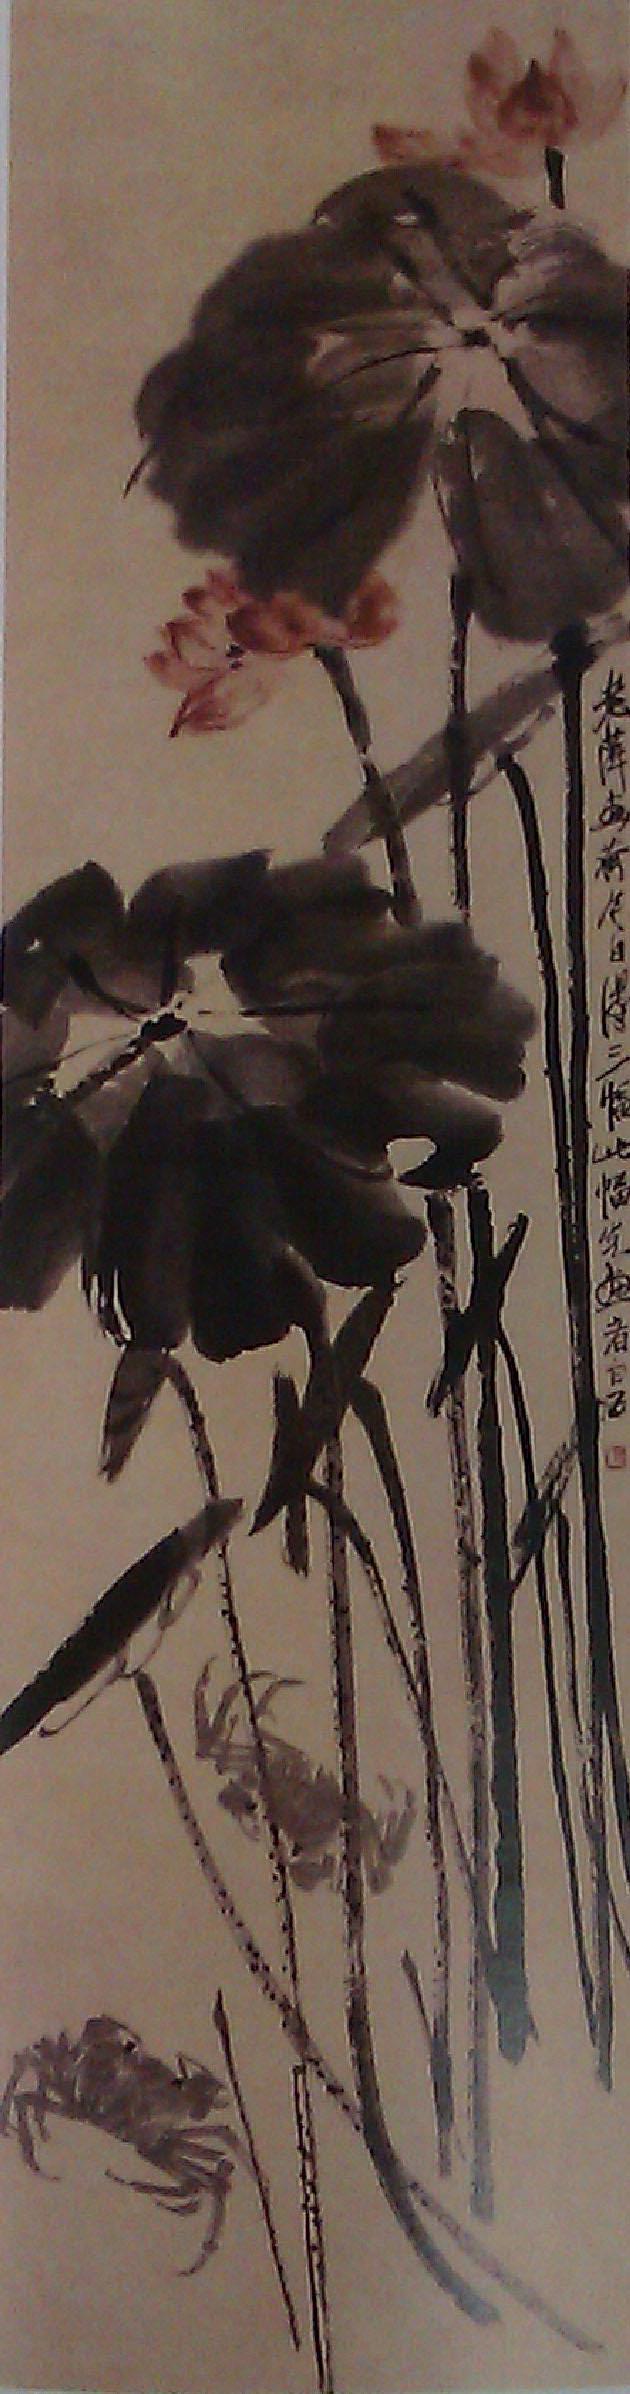 国画:荷叶小蝌蚪